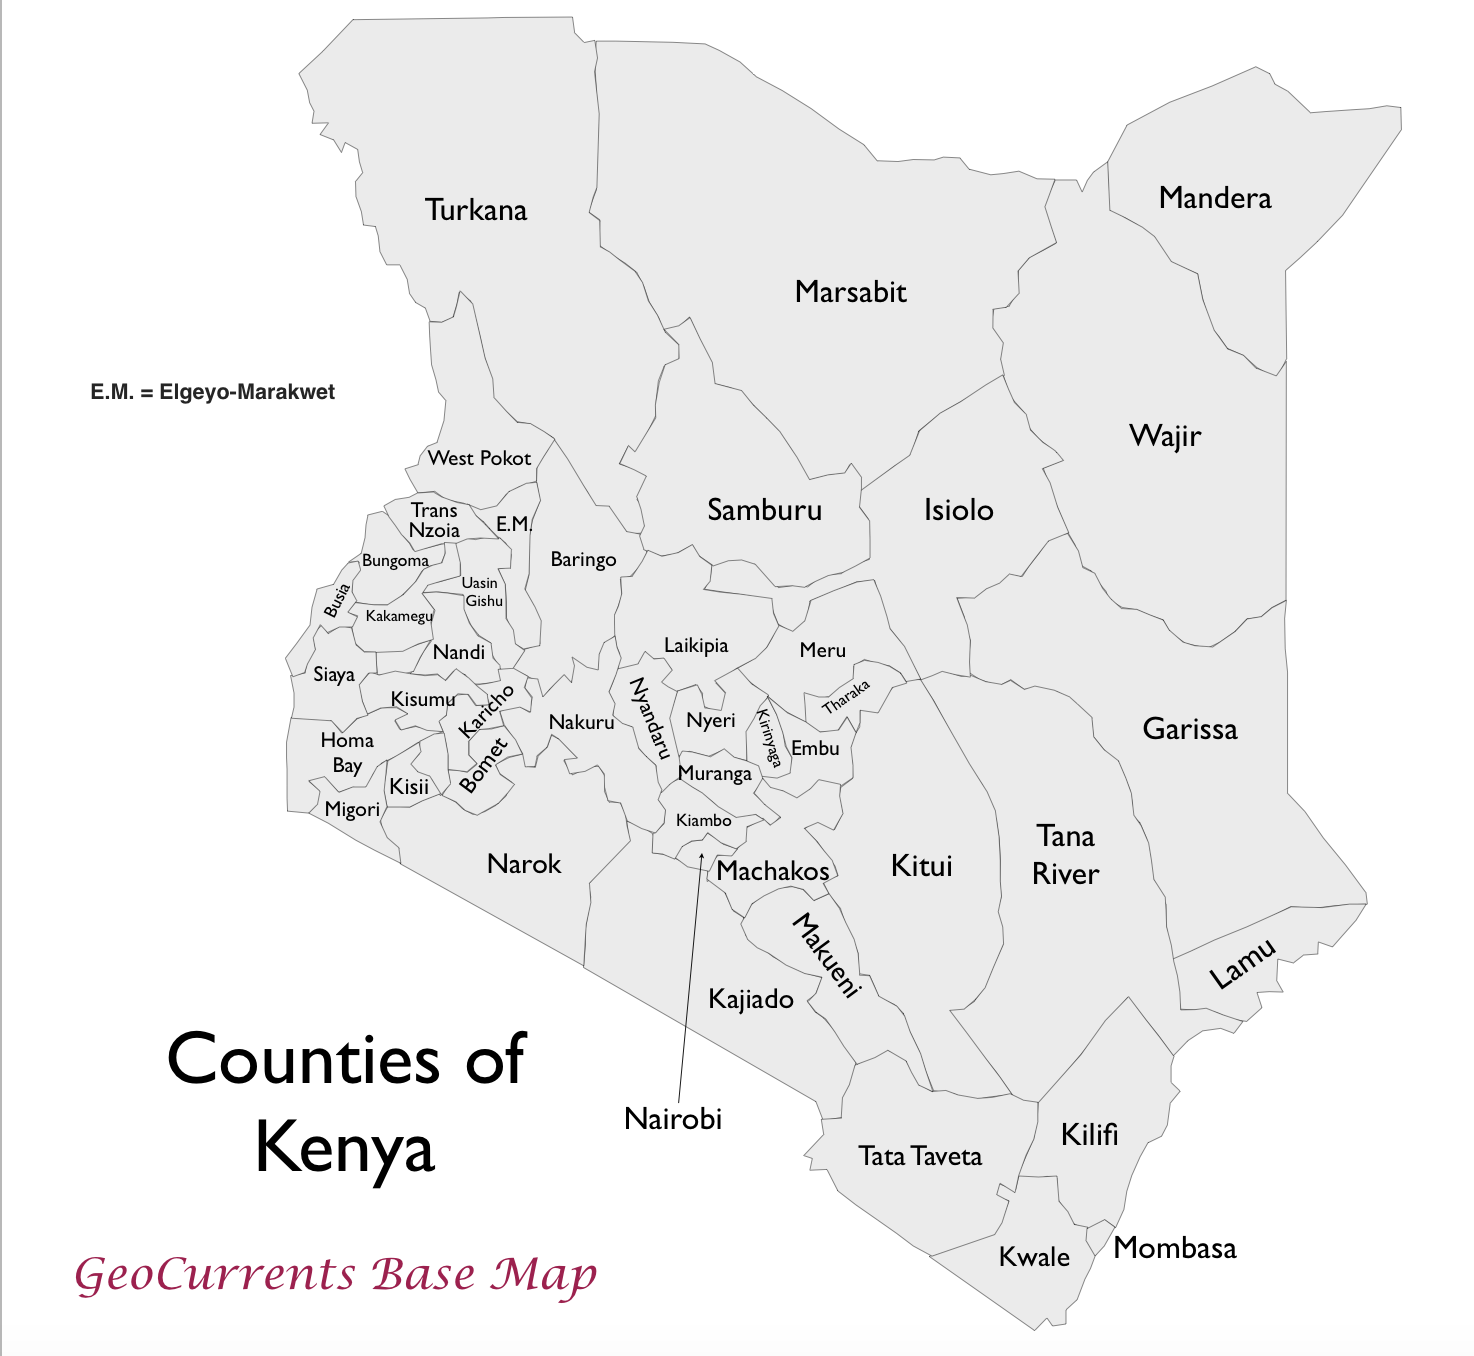 kenya county names map